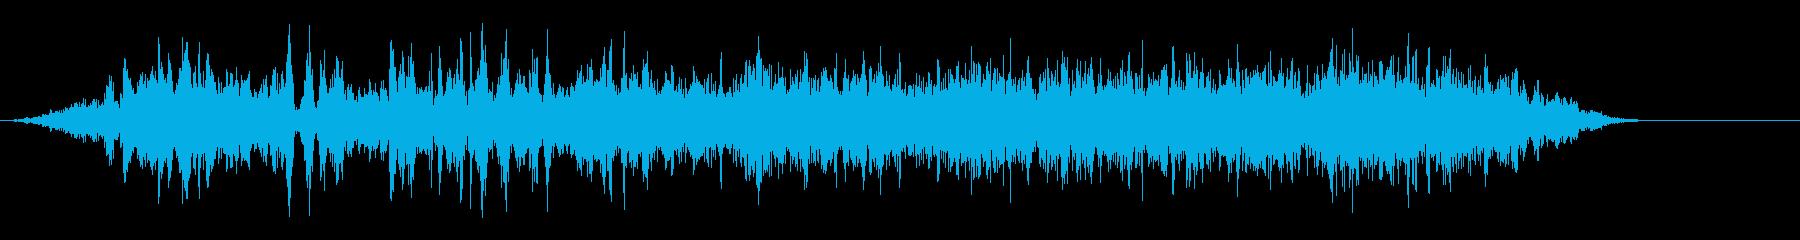 メトロ7閉扉の再生済みの波形